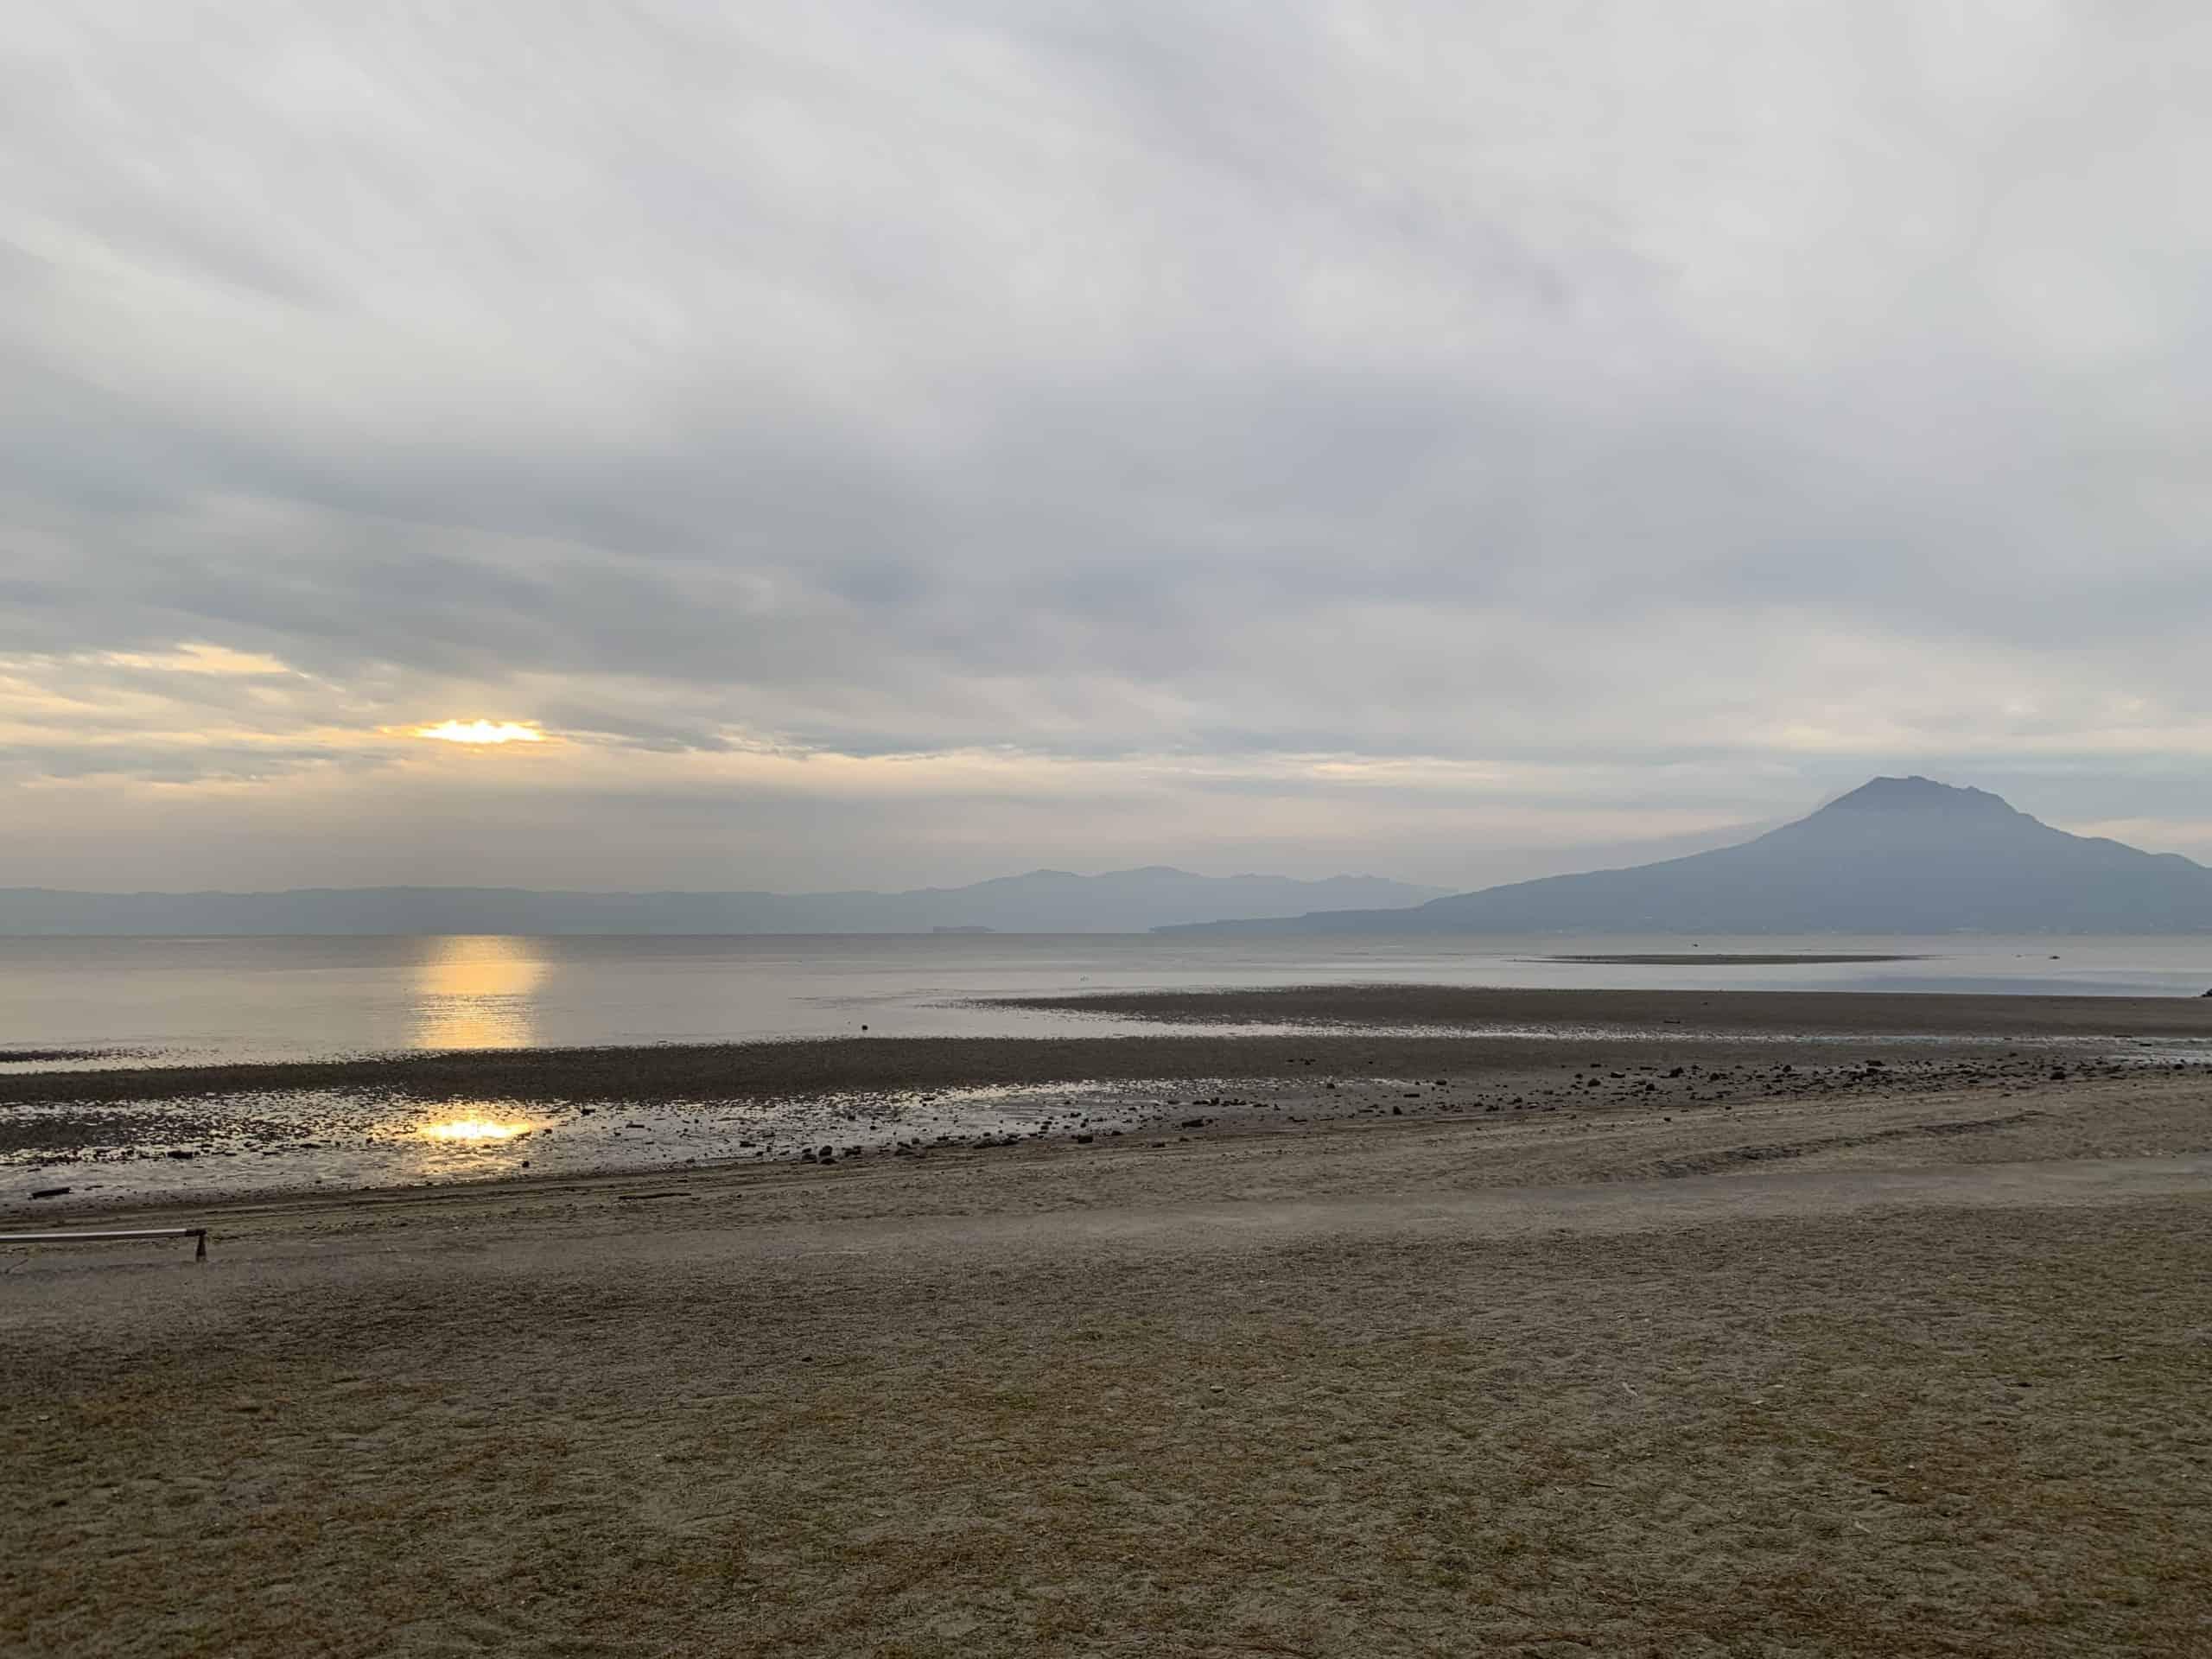 【オジケーション#2】桜島を望む清々しい朝におじさんたちが夢見るセカイ。